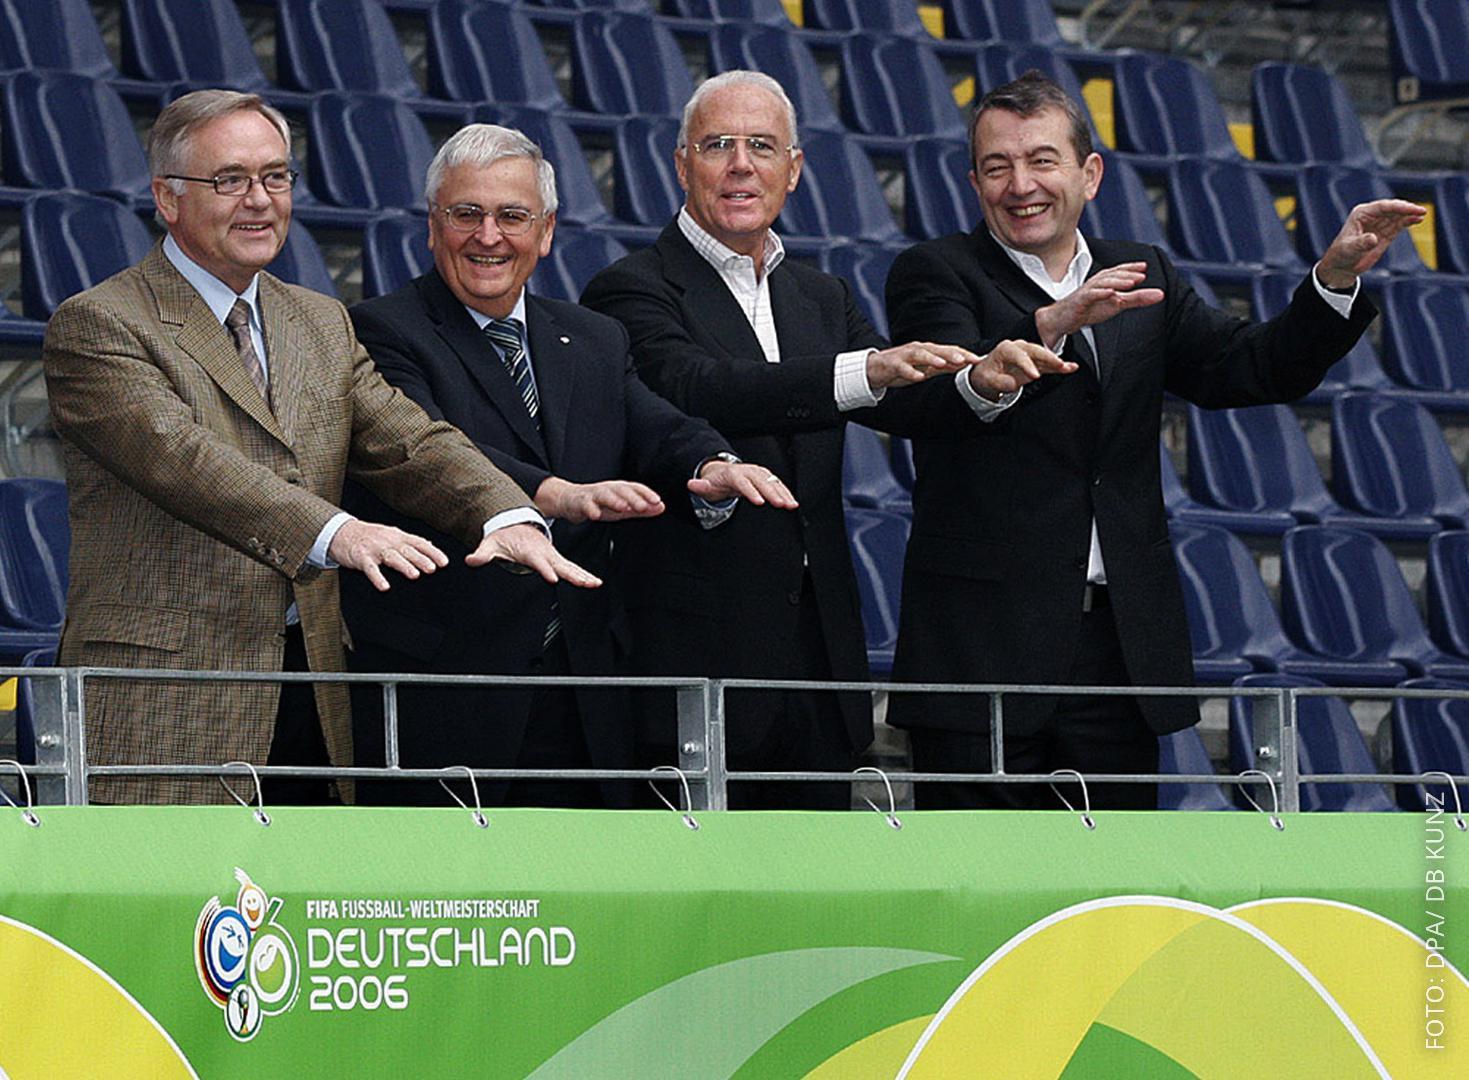 Horst Schmidt, Theo Zwanziger, Franz Beckenbauer, Wolfgang Niersbach